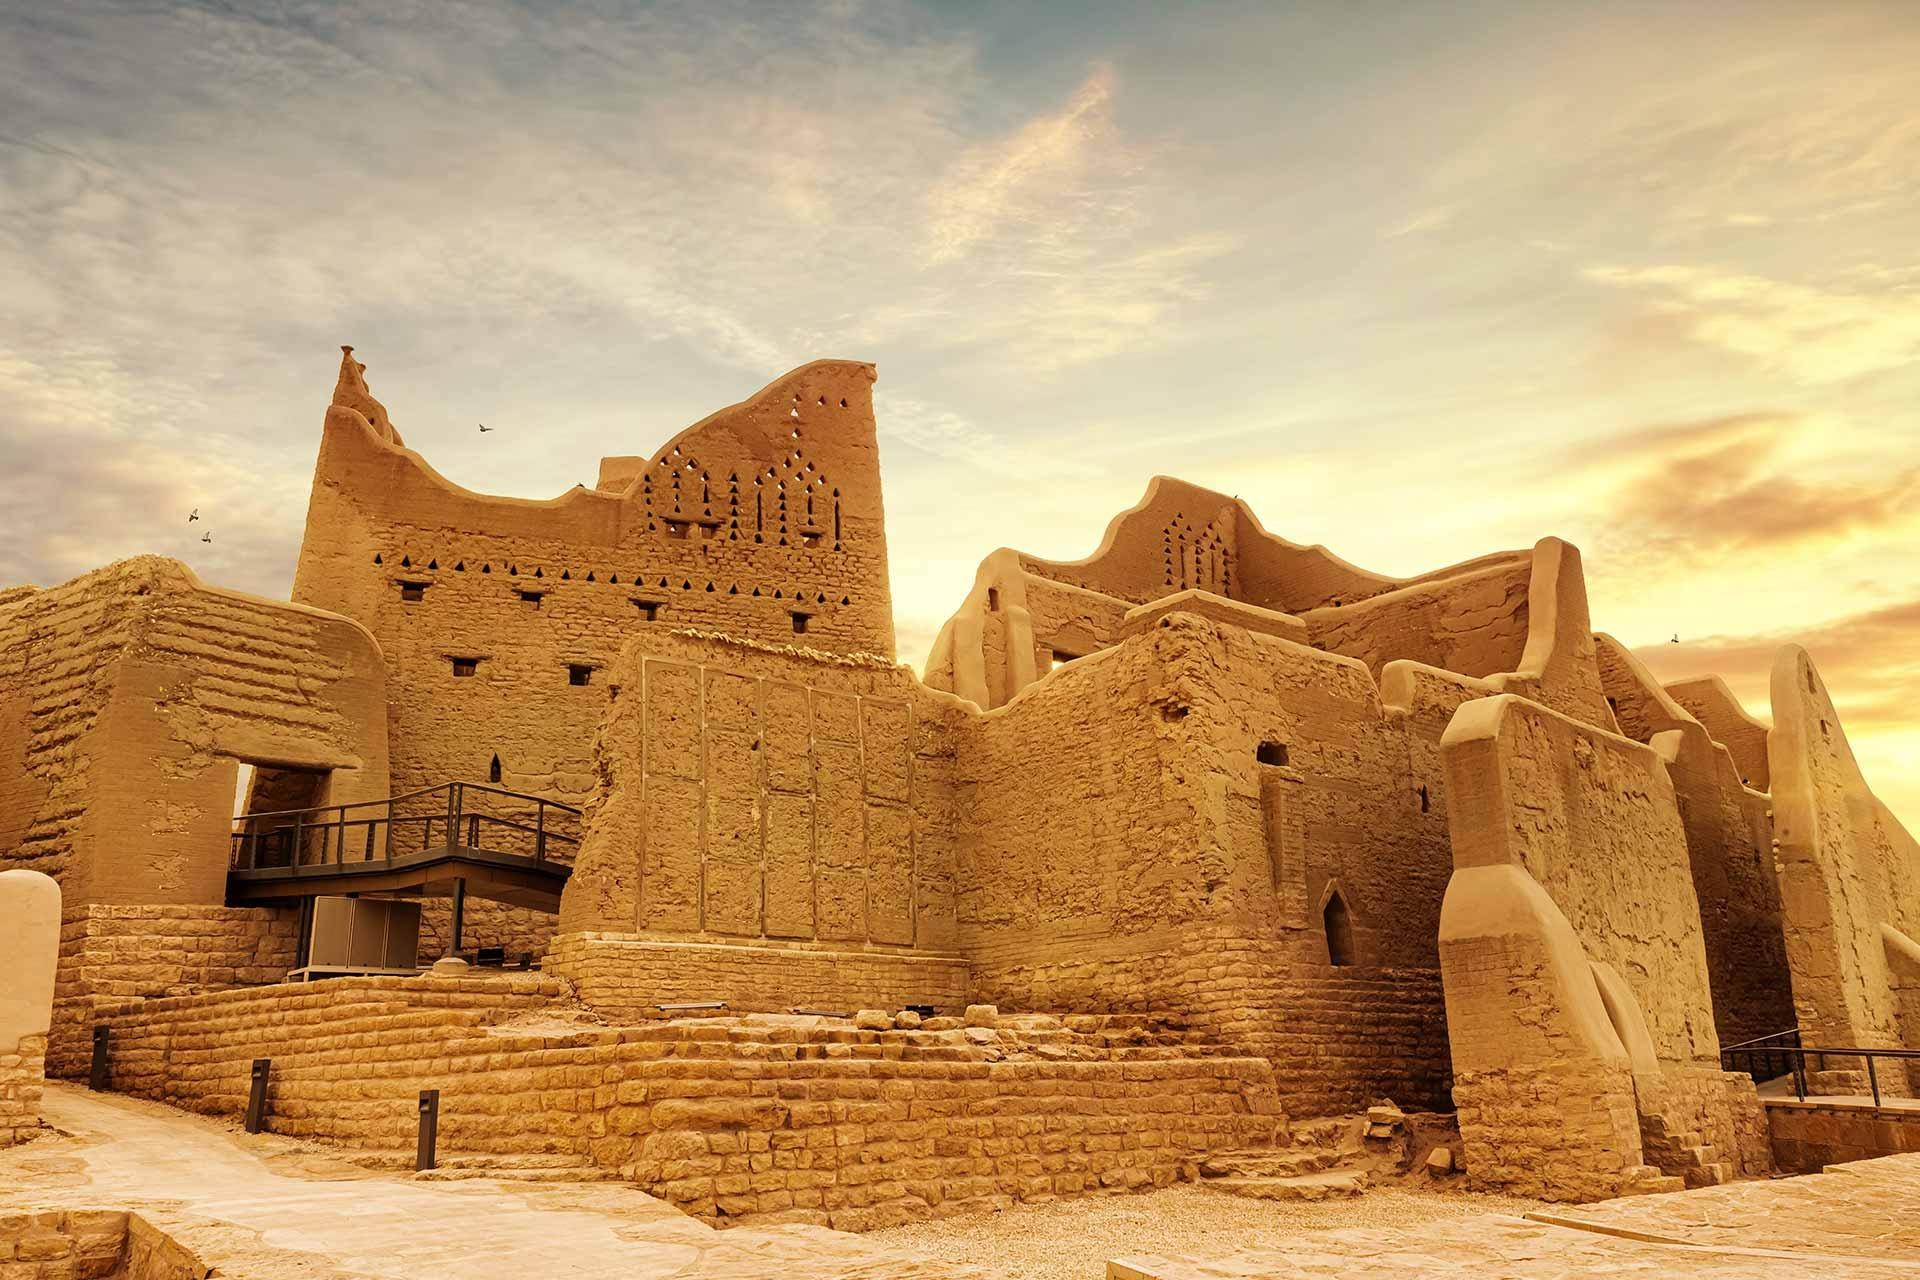 Những điểm du lịch hấp dẫn ở Saudi Arabia - Ảnh 2.